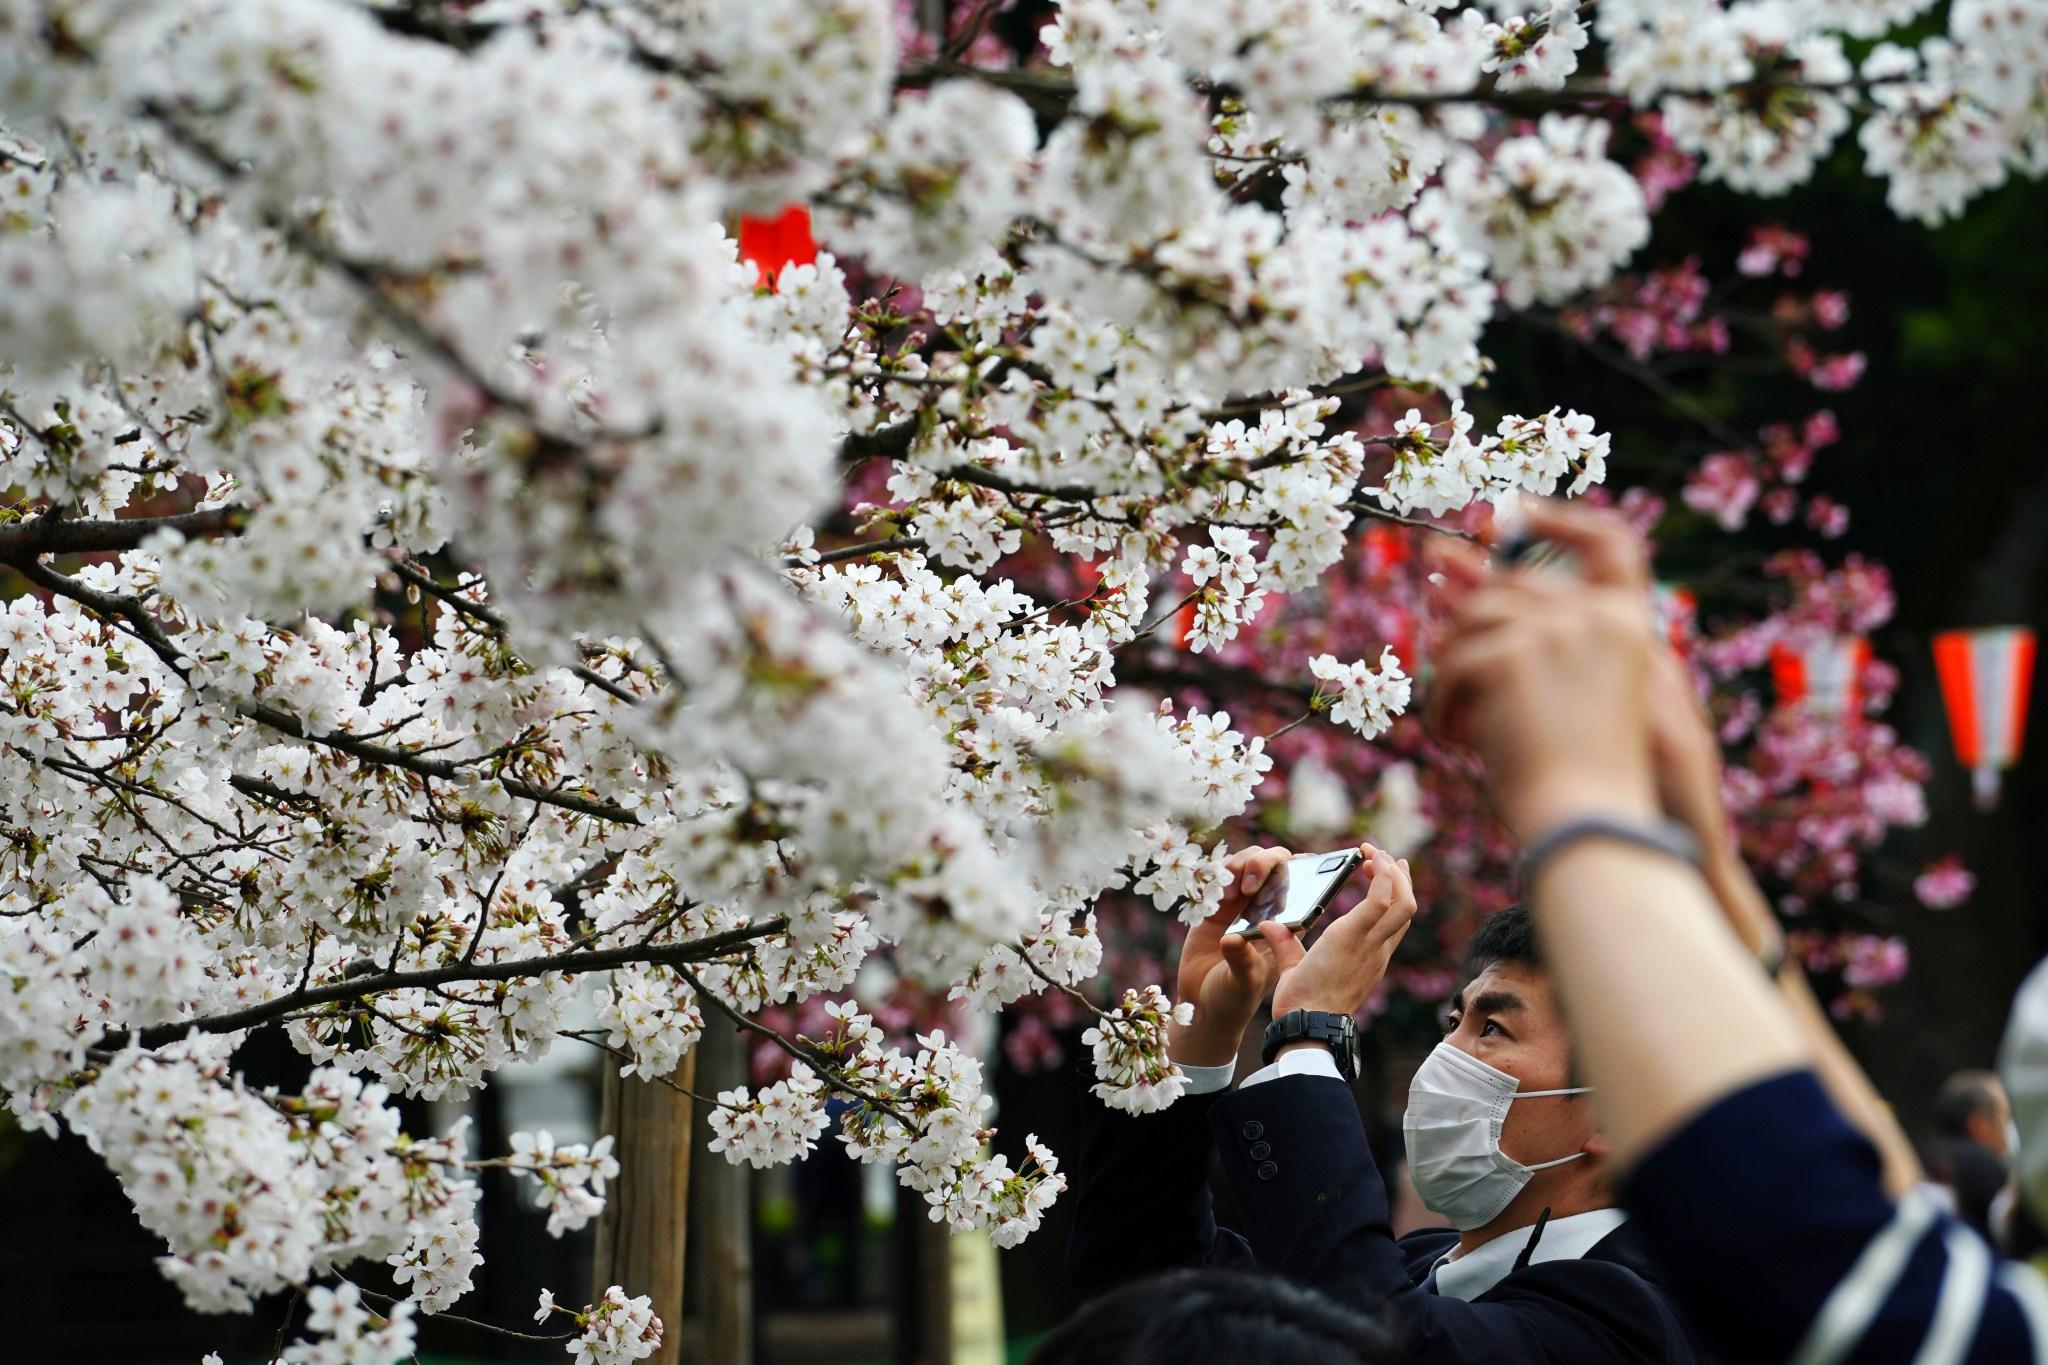 Japan Cherry Blossoms Reach Earliest Peak Bloom In 1 200 Years Accuweather